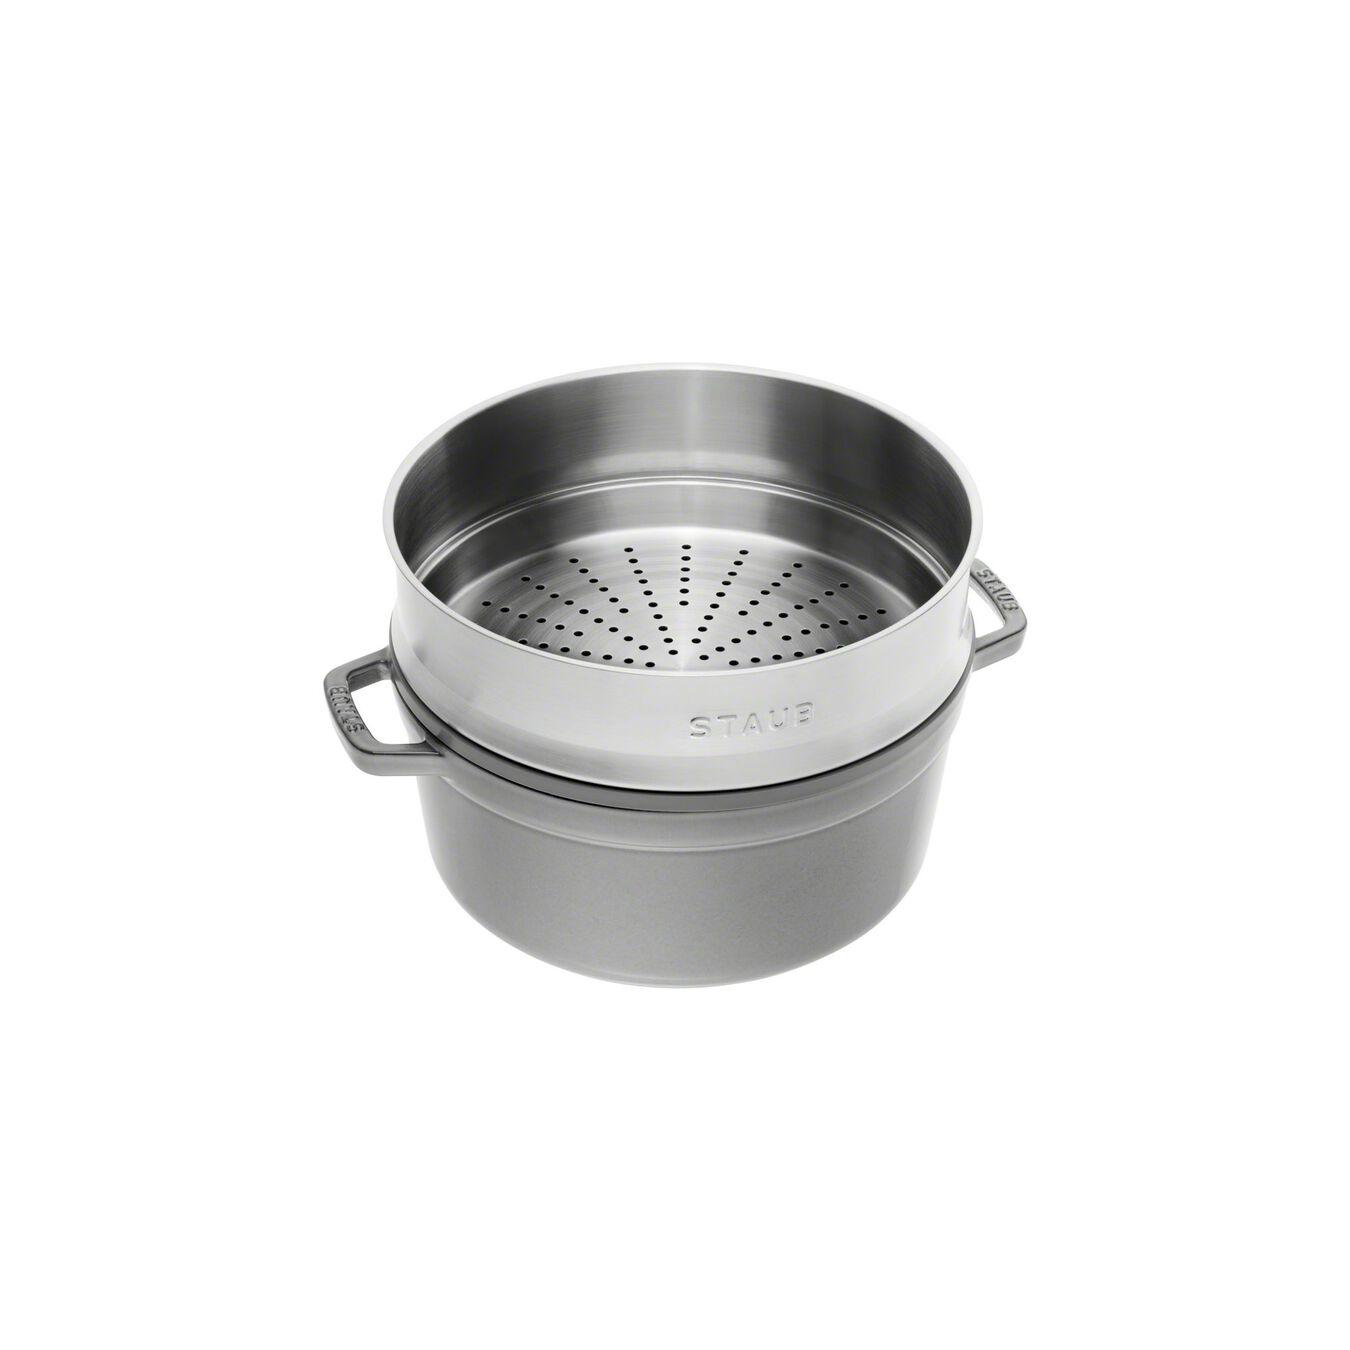 Döküm Tencere Buharlı Pişirici ile | Döküm Demir | 5,25 l | Grafit Gri,,large 2